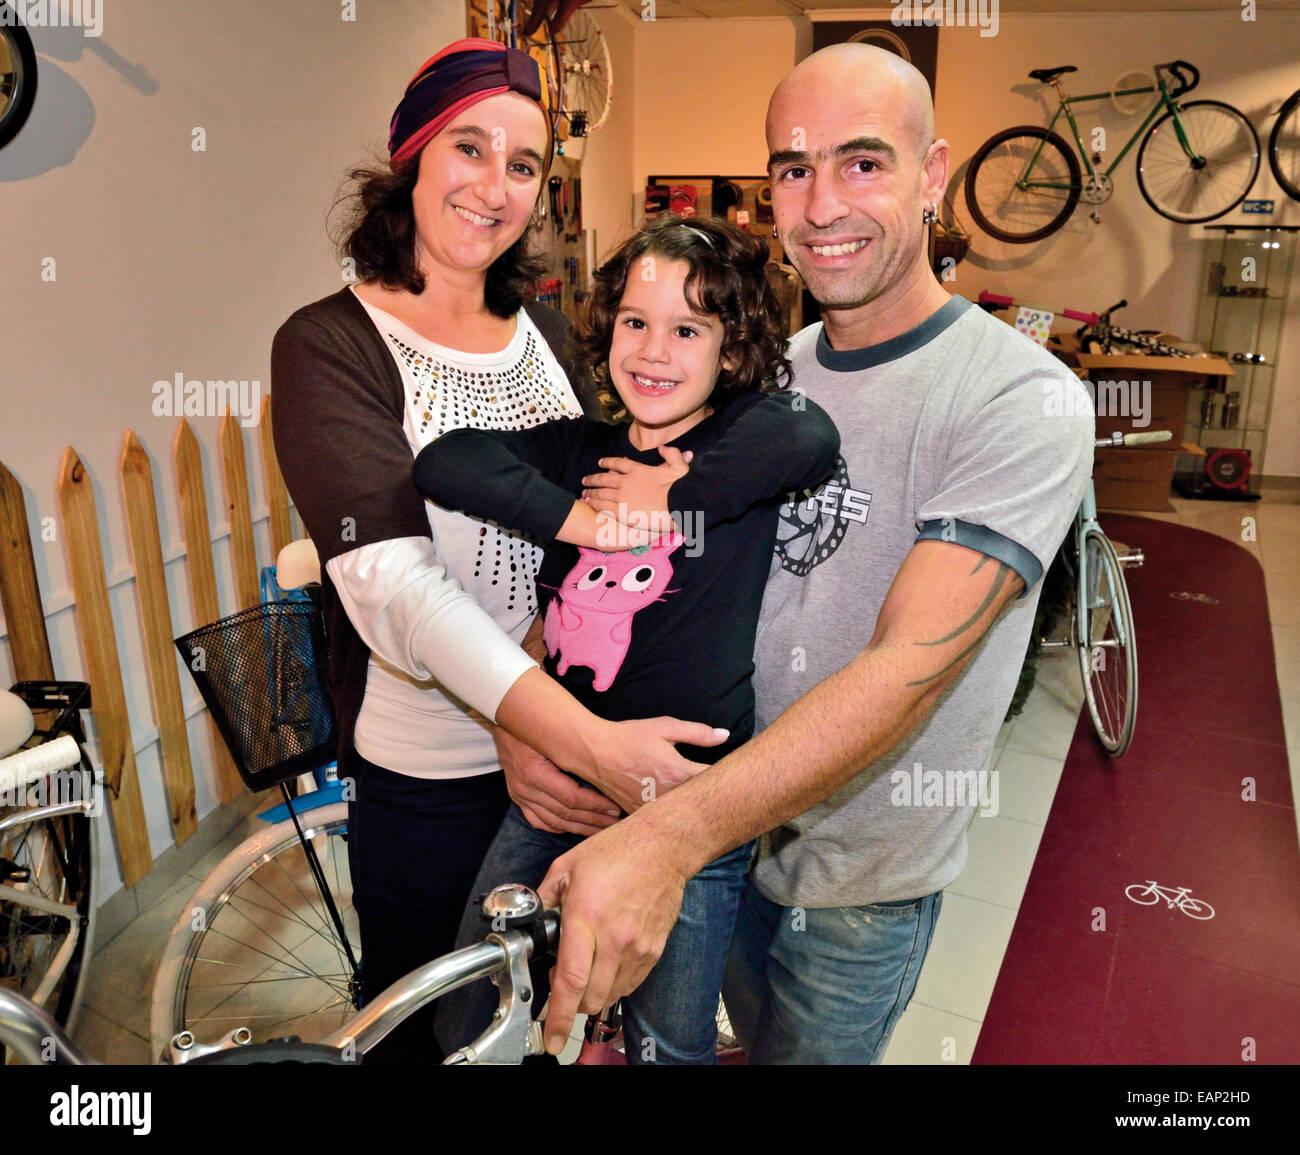 Portugal, Algarve Portugués: joven familia en su tienda de bicicletas y Moto Cafe Lounge en Faro Imagen De Stock